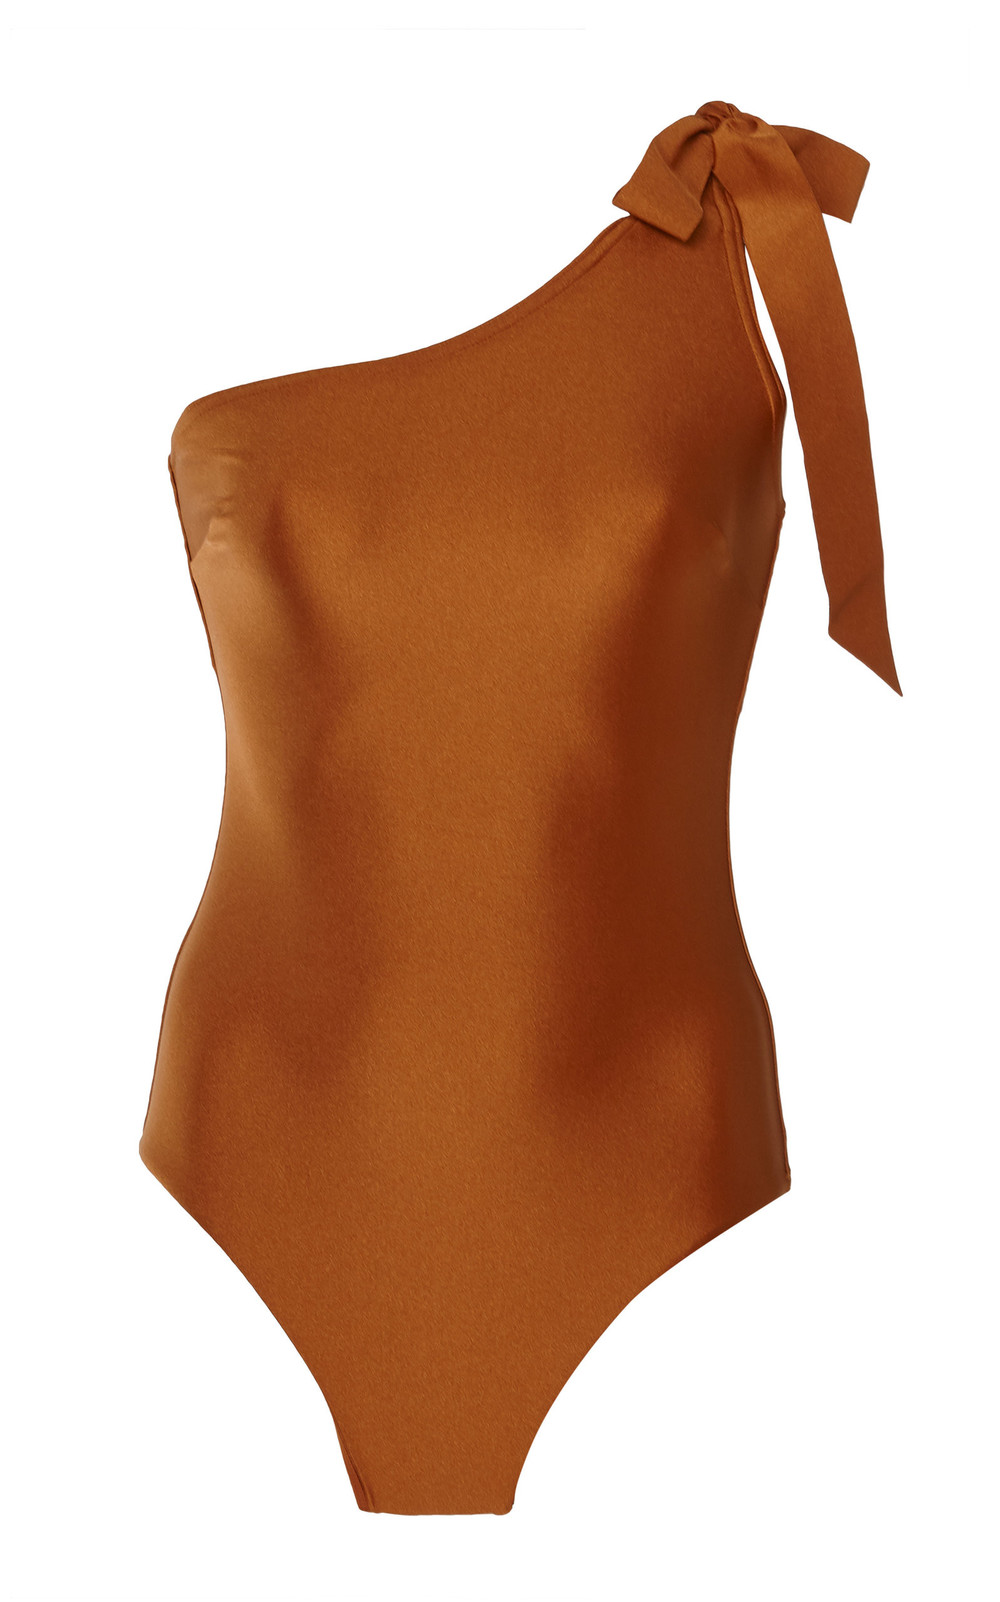 Zimmermann Venetoa Asymmetric One-Piece Swimsuit in brown